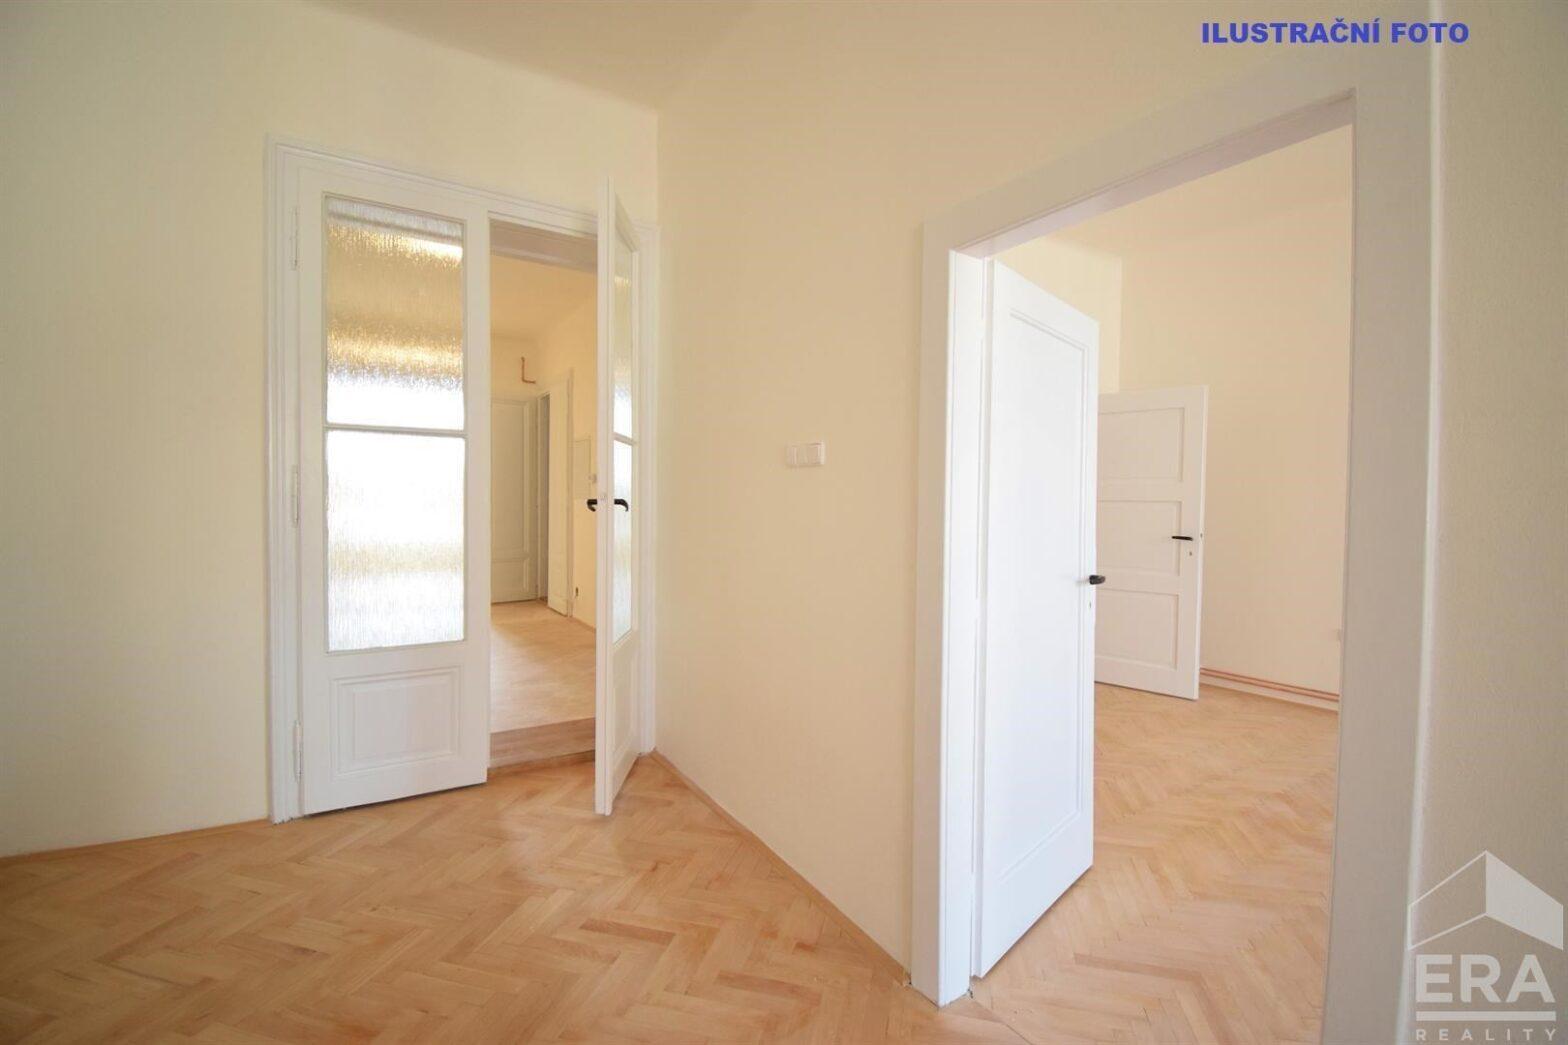 Pronájem nově zrekonstruovaného bytu 3+1 v centru Šumperka